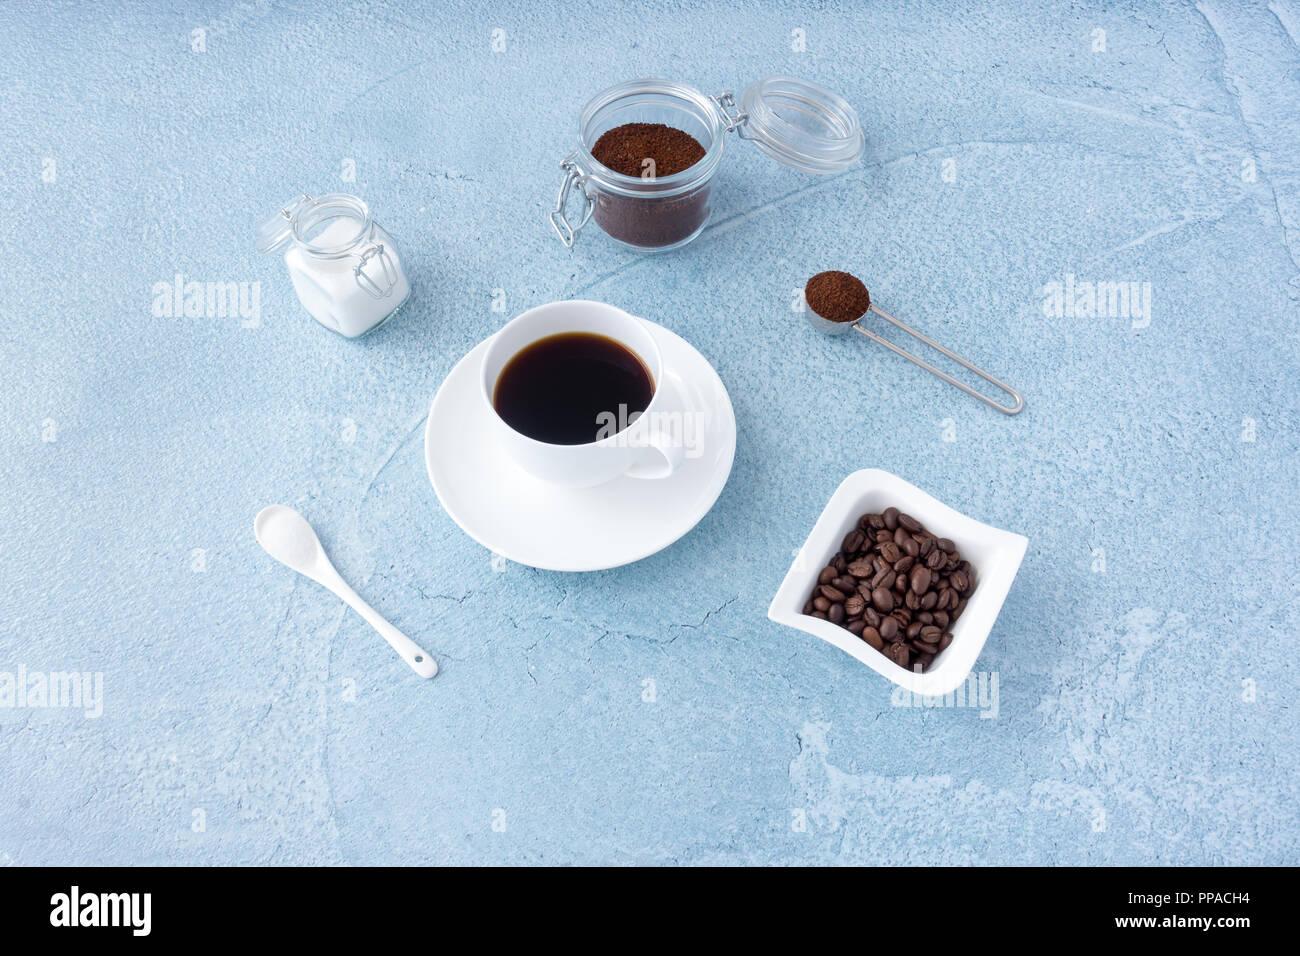 Tazza di caffè riempito di caffè nero, zucchero, il caffè macinato e chicchi di caffè blu su sfondo di calcestruzzo. Immagini Stock